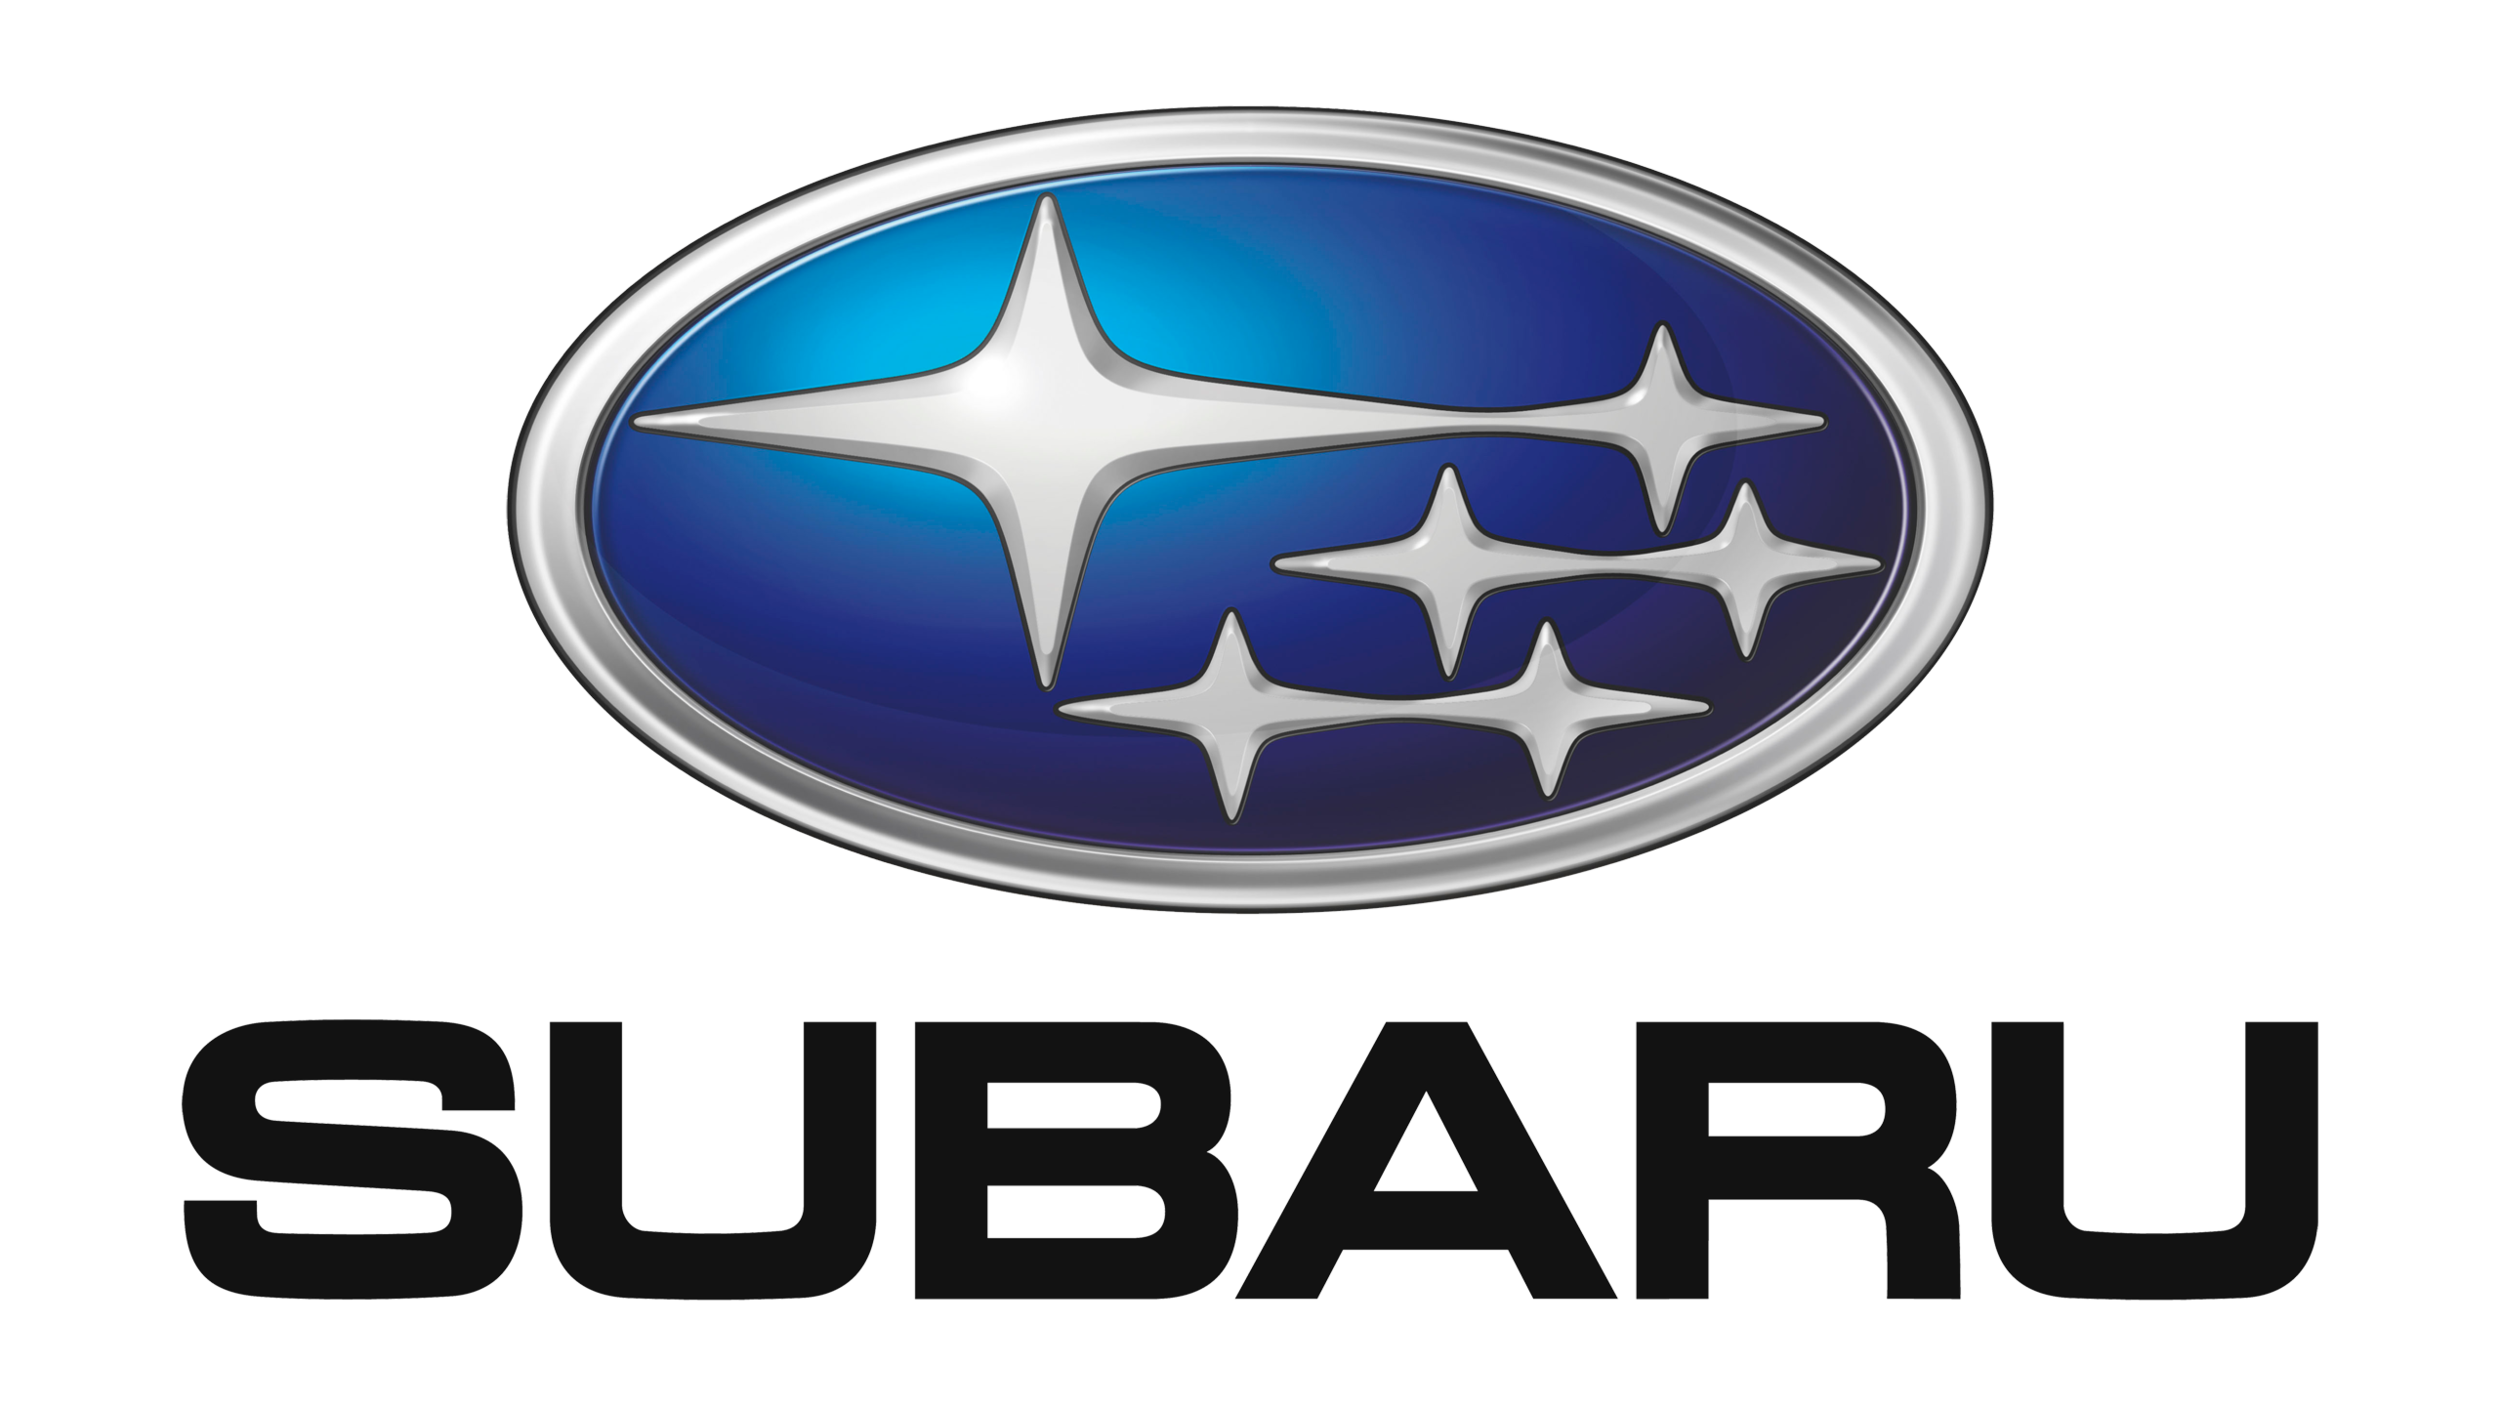 Subaru-logo-2003-2560x1440.png